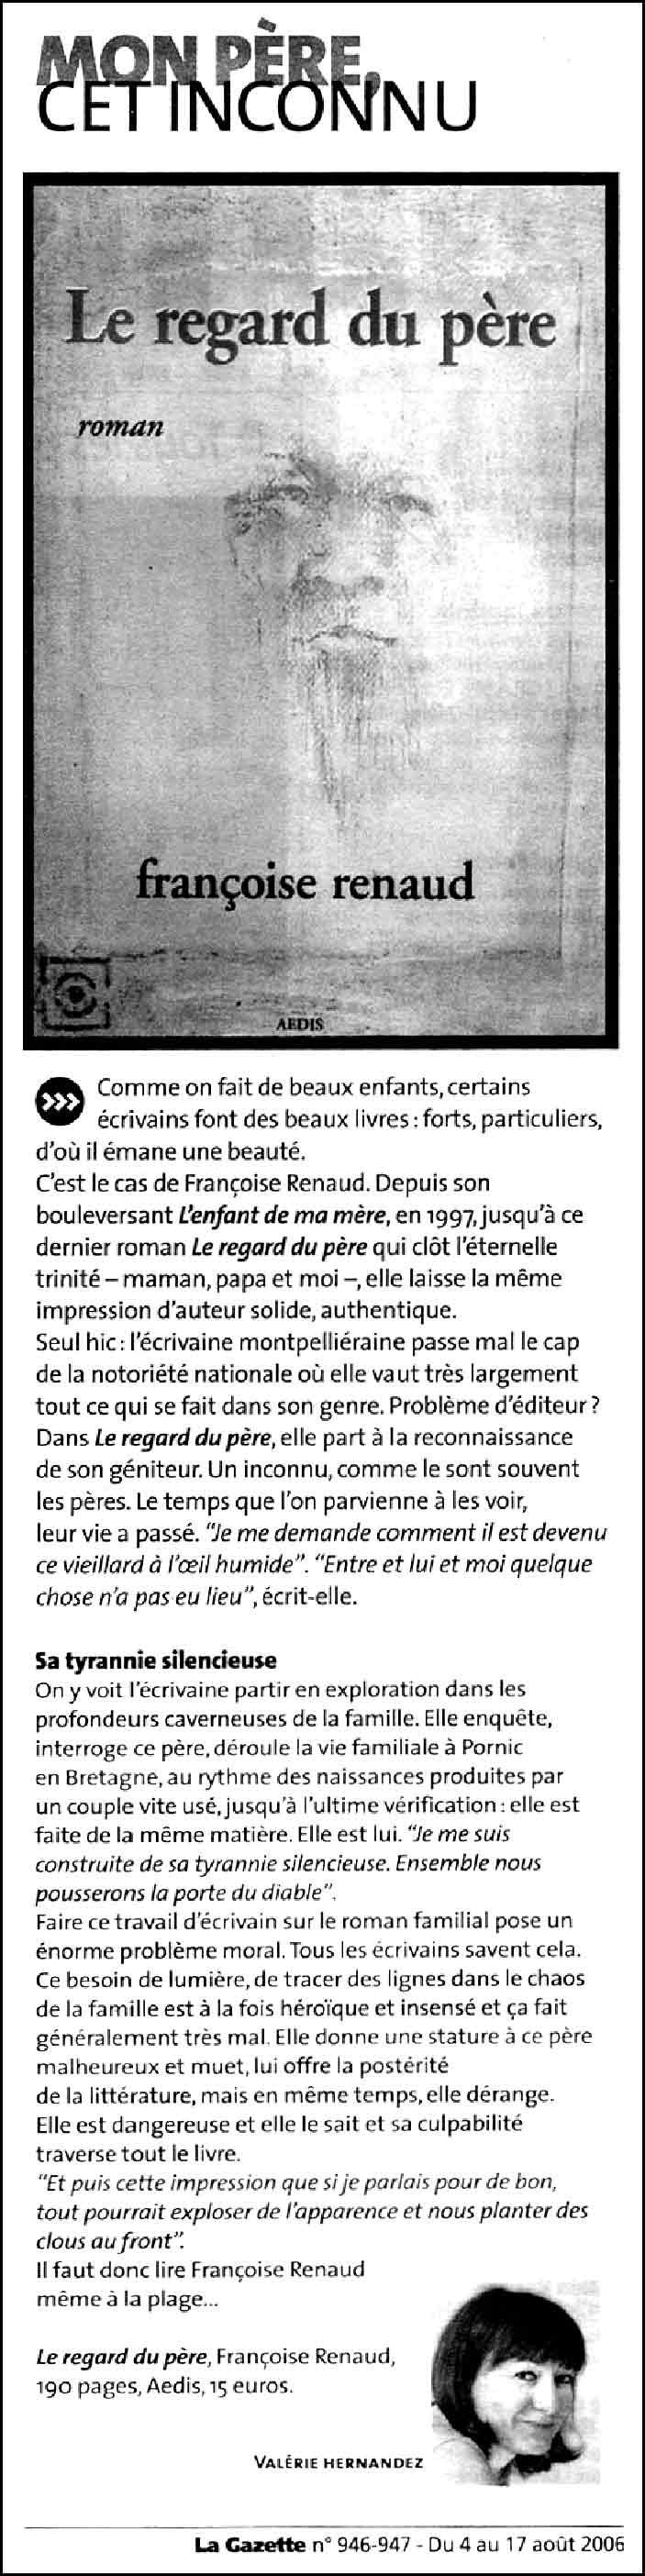 La Gazette de Montpellier, août 2006